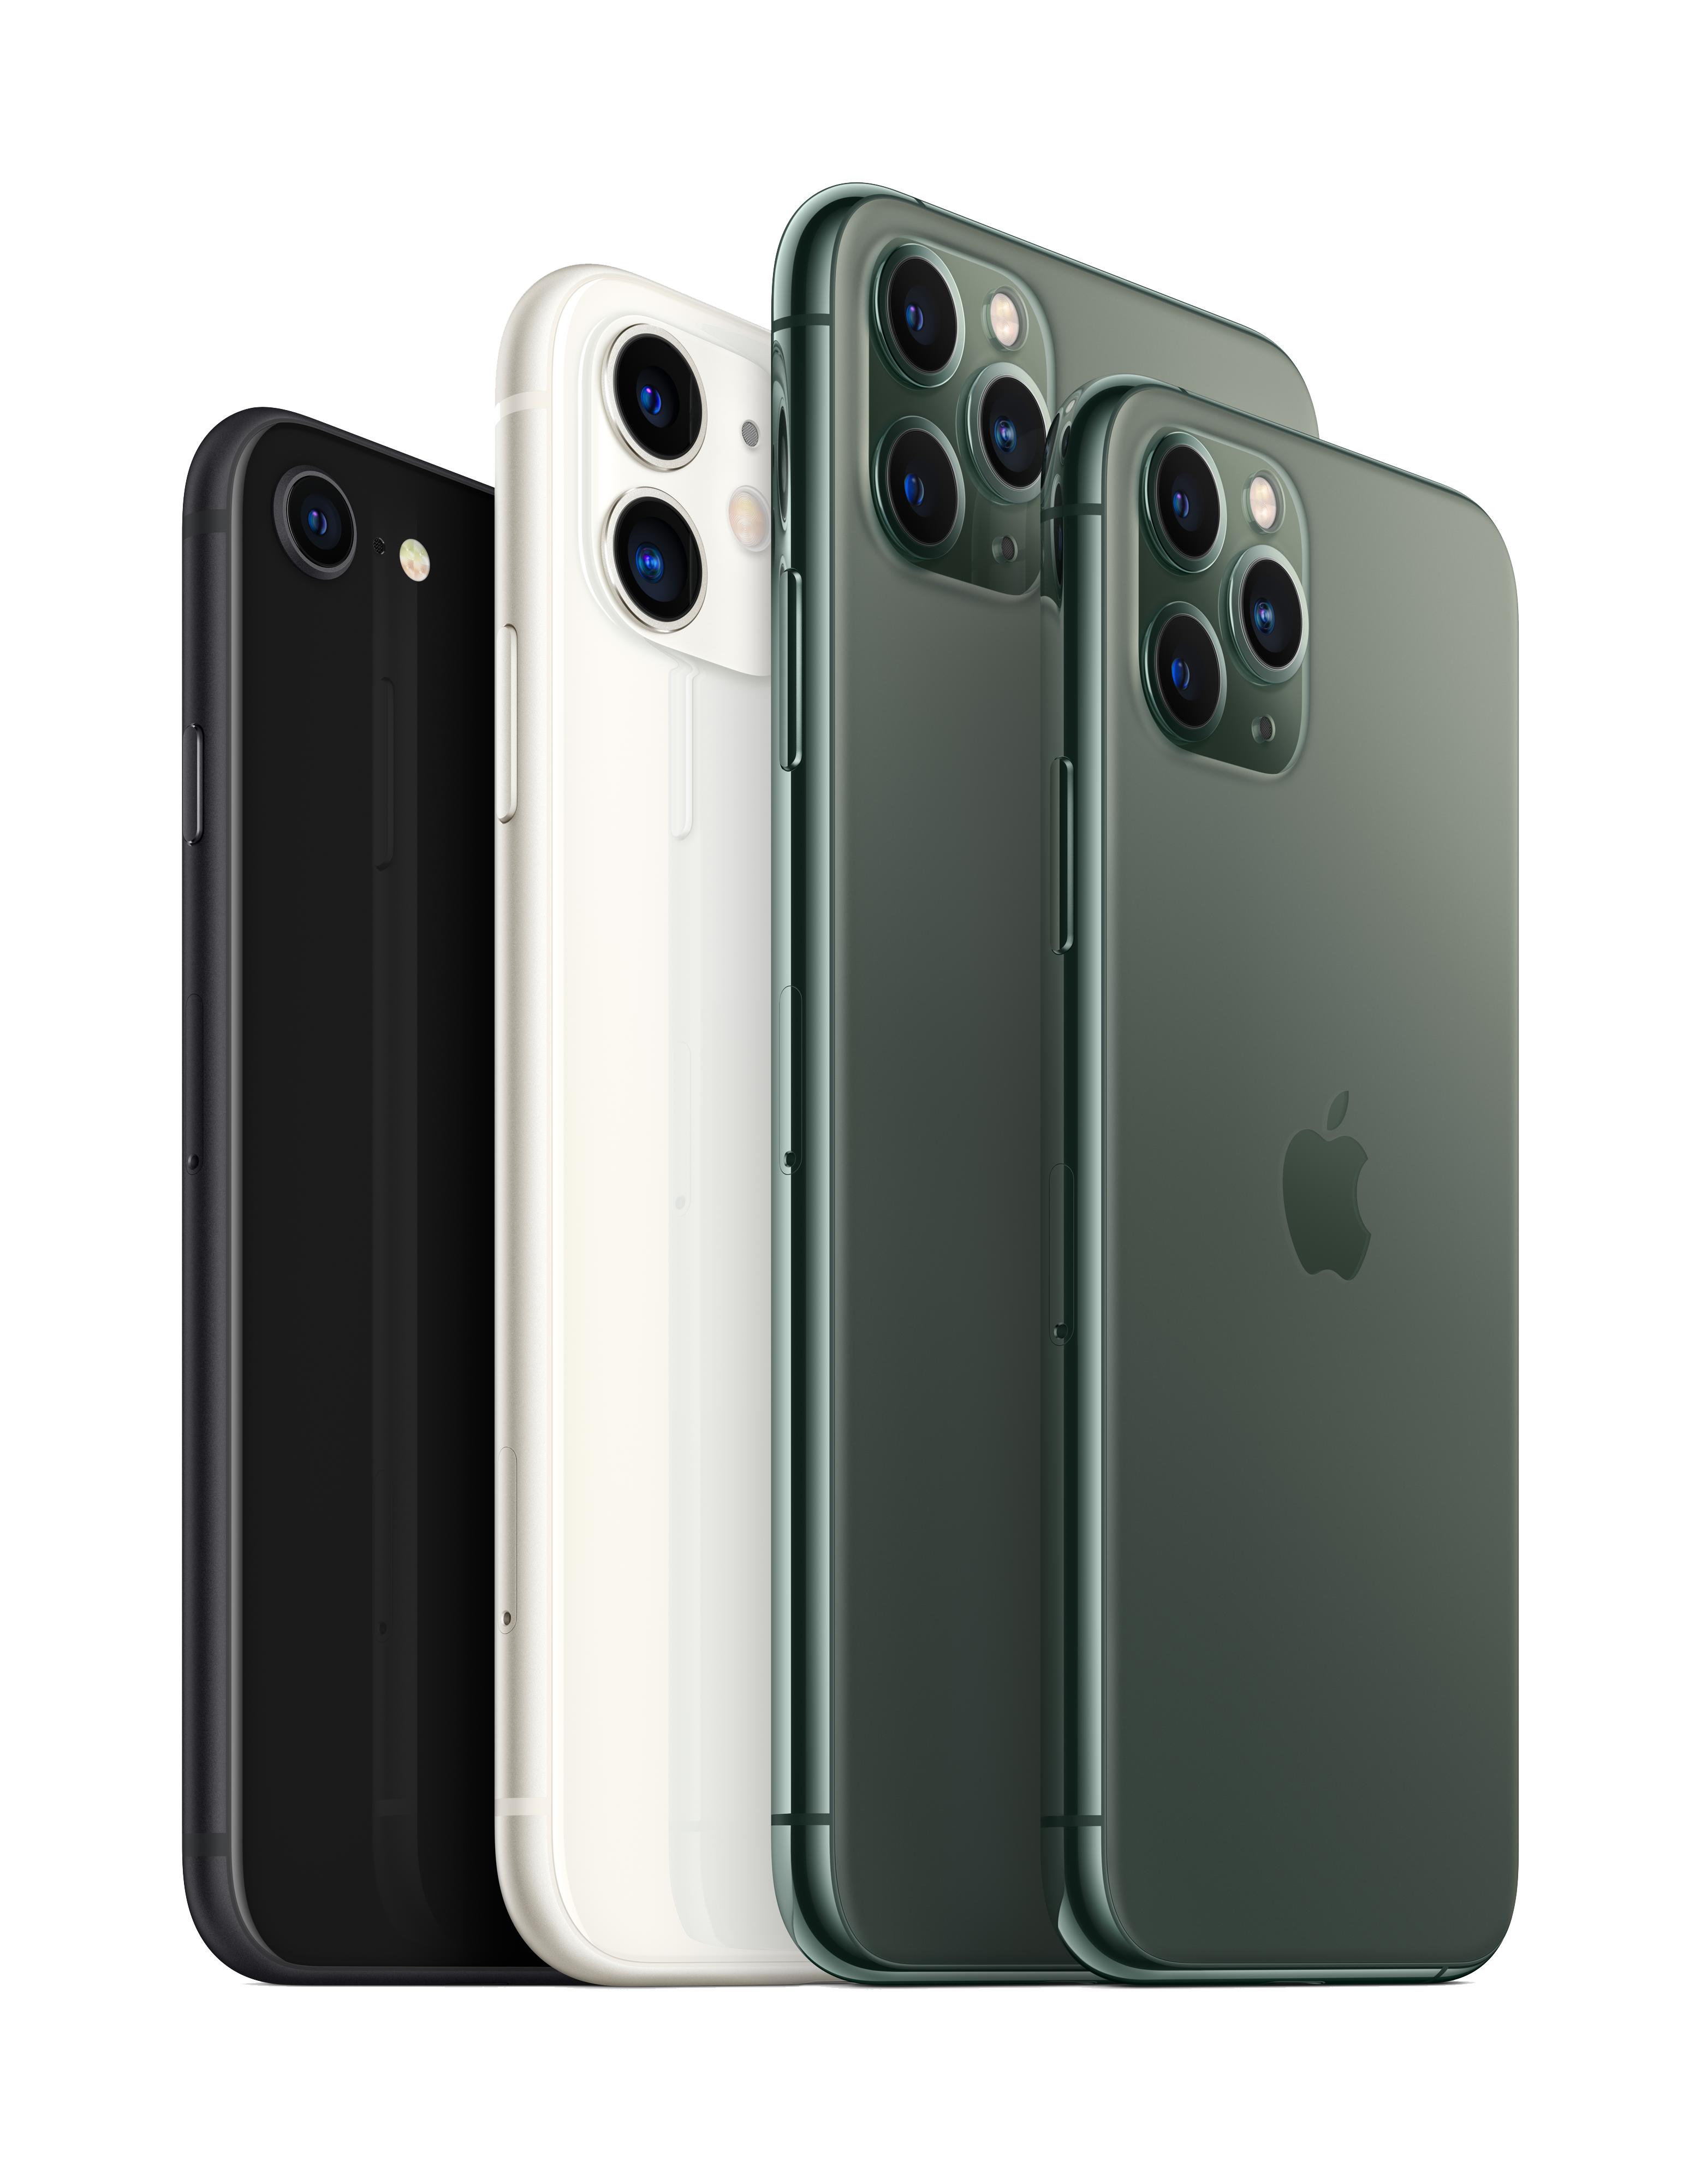 Refurbished iPhones